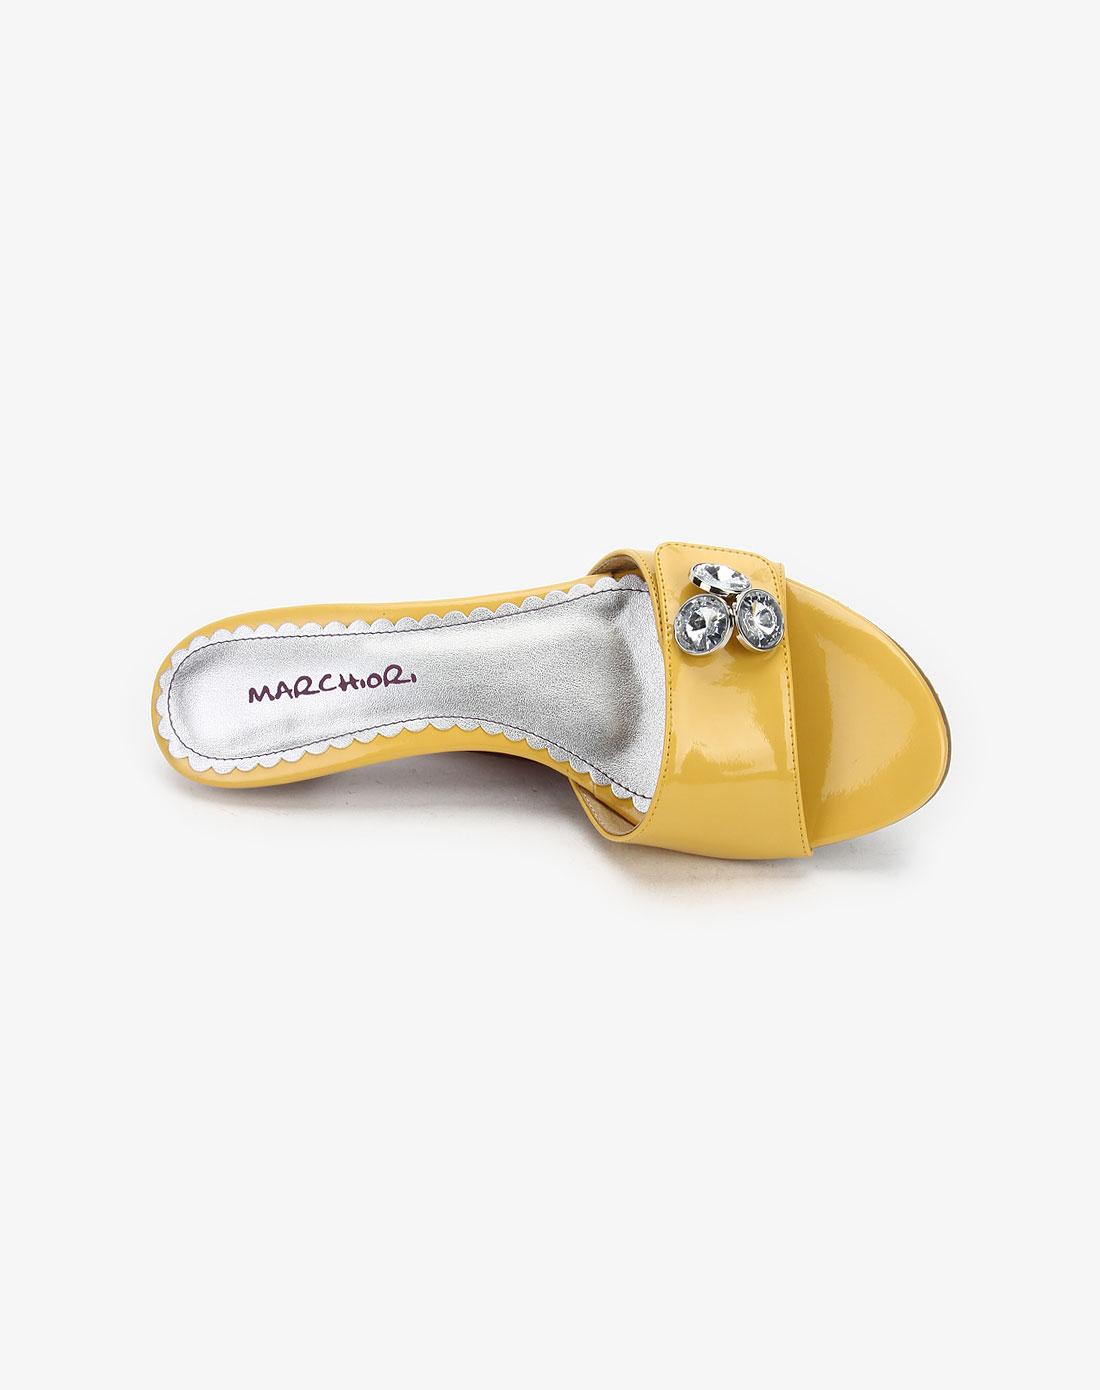 蜜丝罗妮marchiori黄柒pu女凉鞋11101426-0020